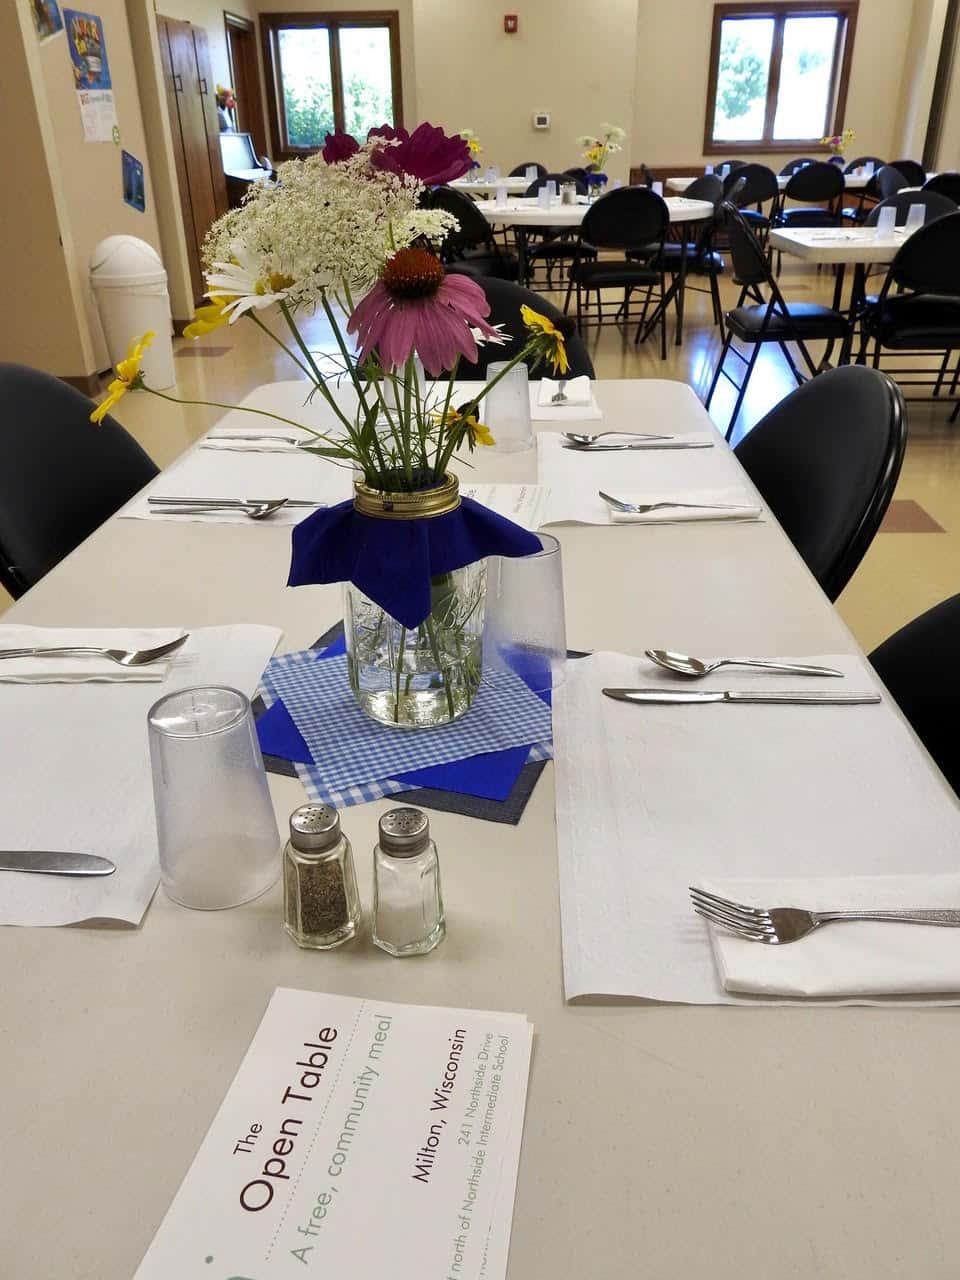 The Open Table WJVL - Open table dinner